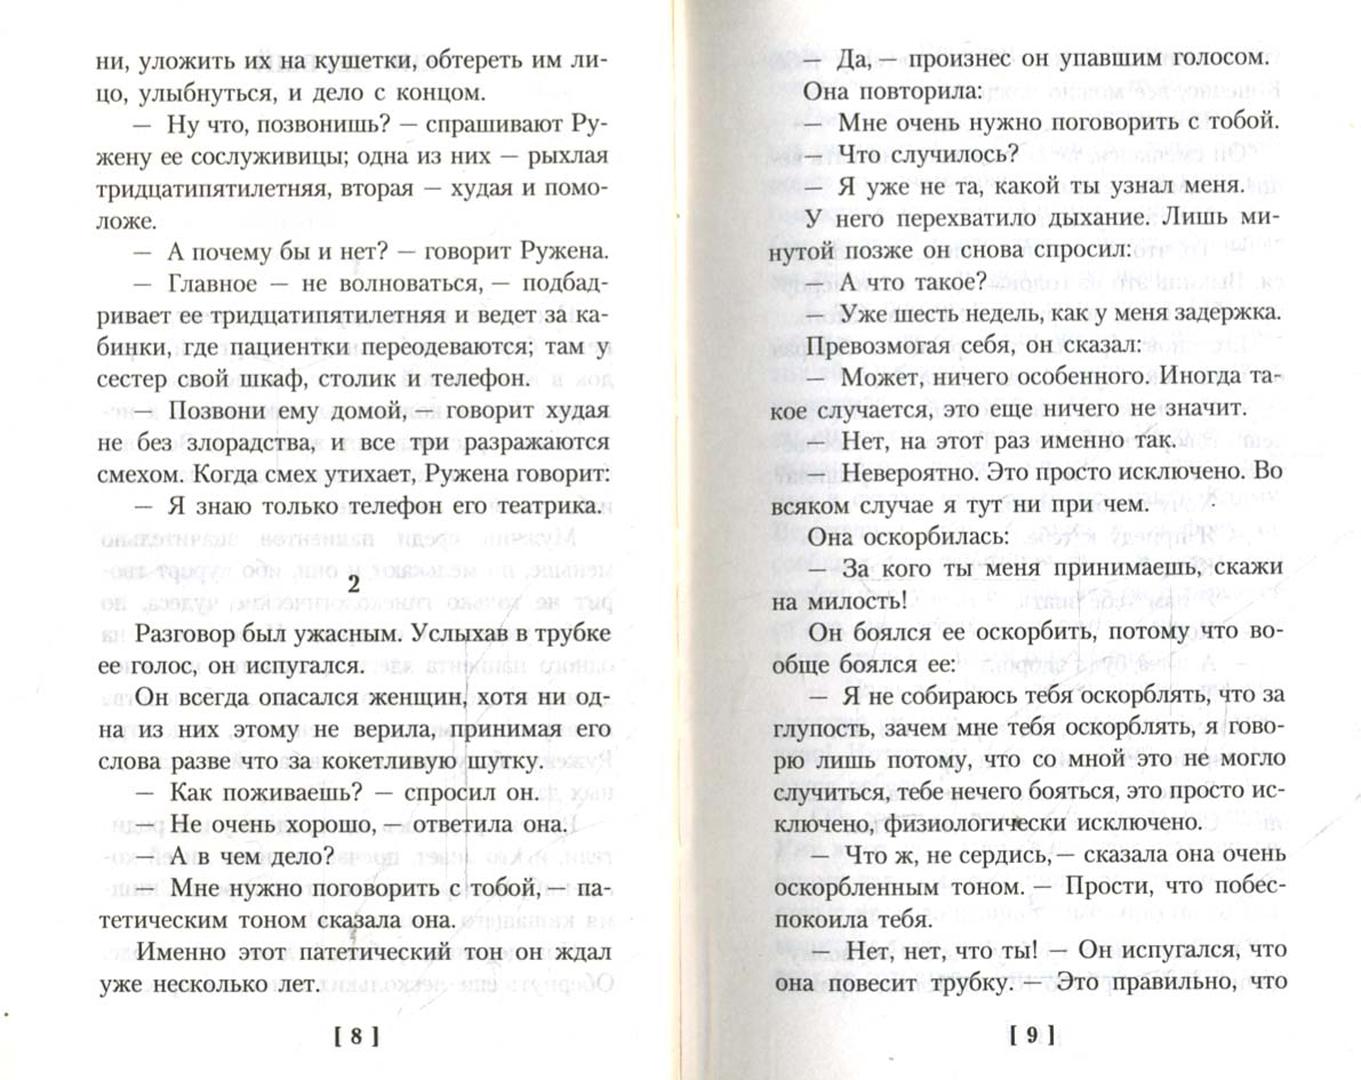 Иллюстрация 1 из 8 для Вальс на прощание: Роман - Милан Кундера | Лабиринт - книги. Источник: Лабиринт